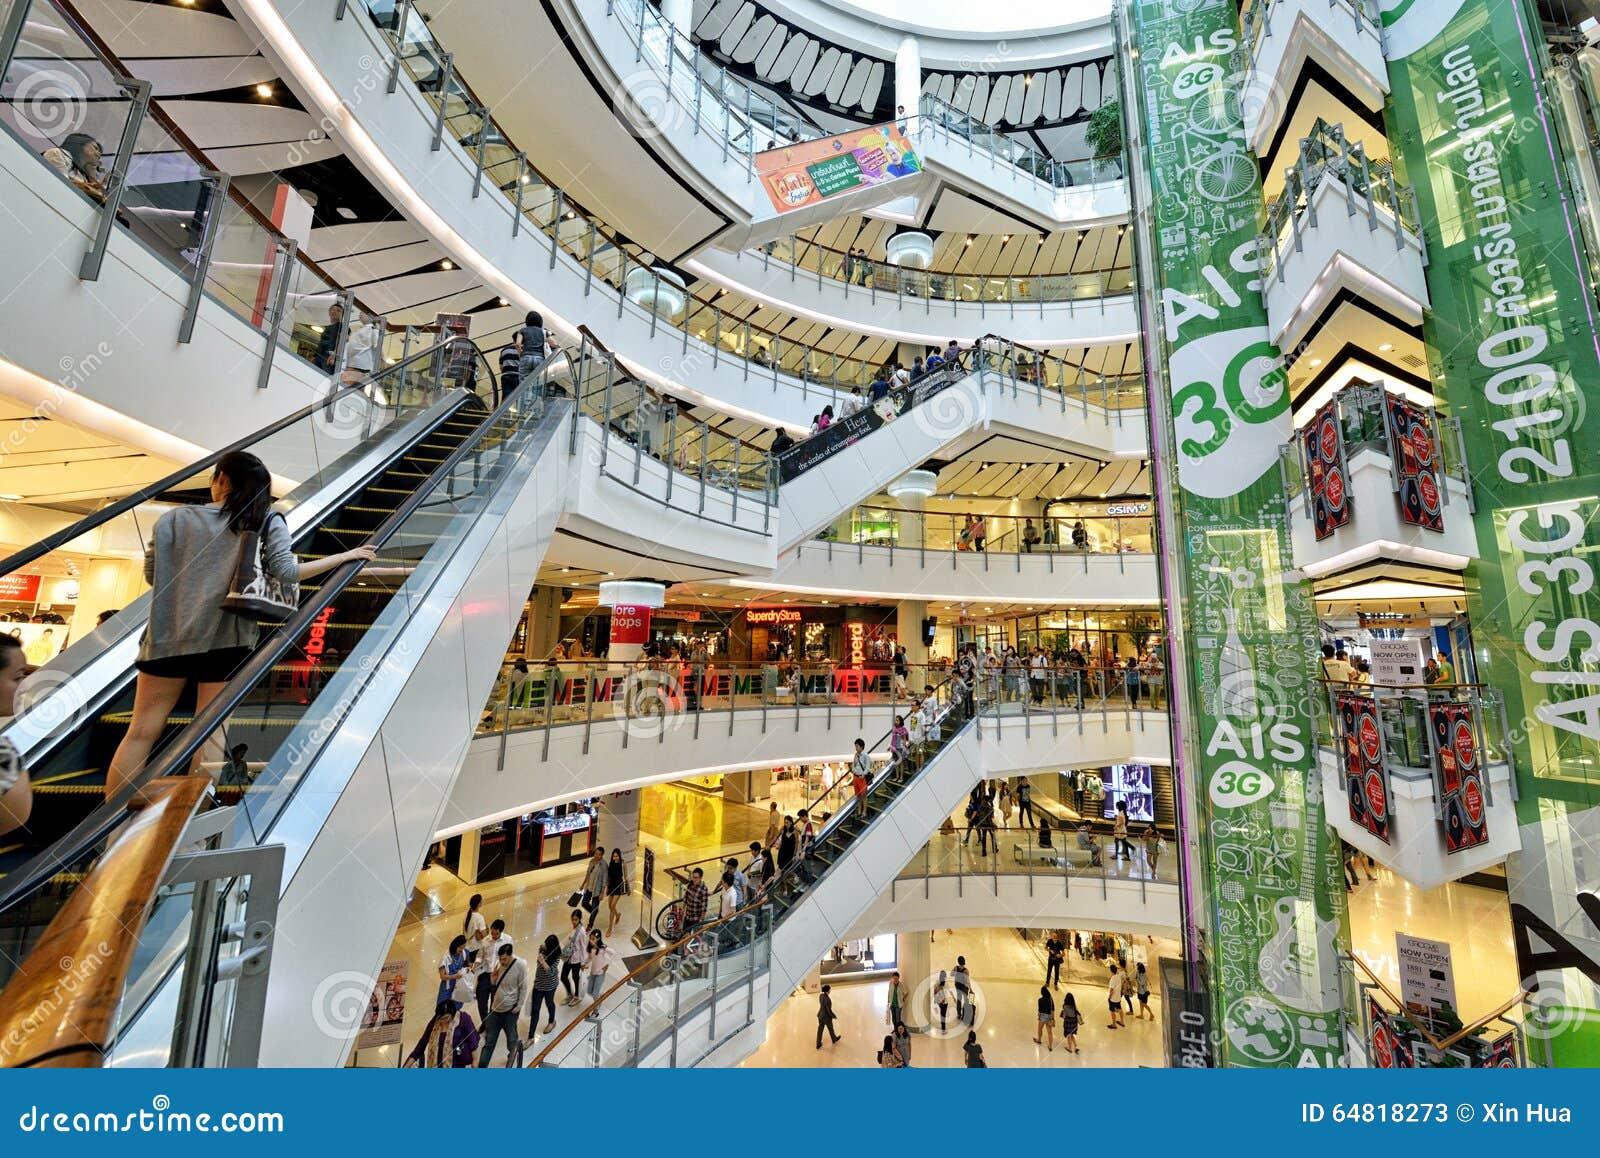 Big shopping centres near me